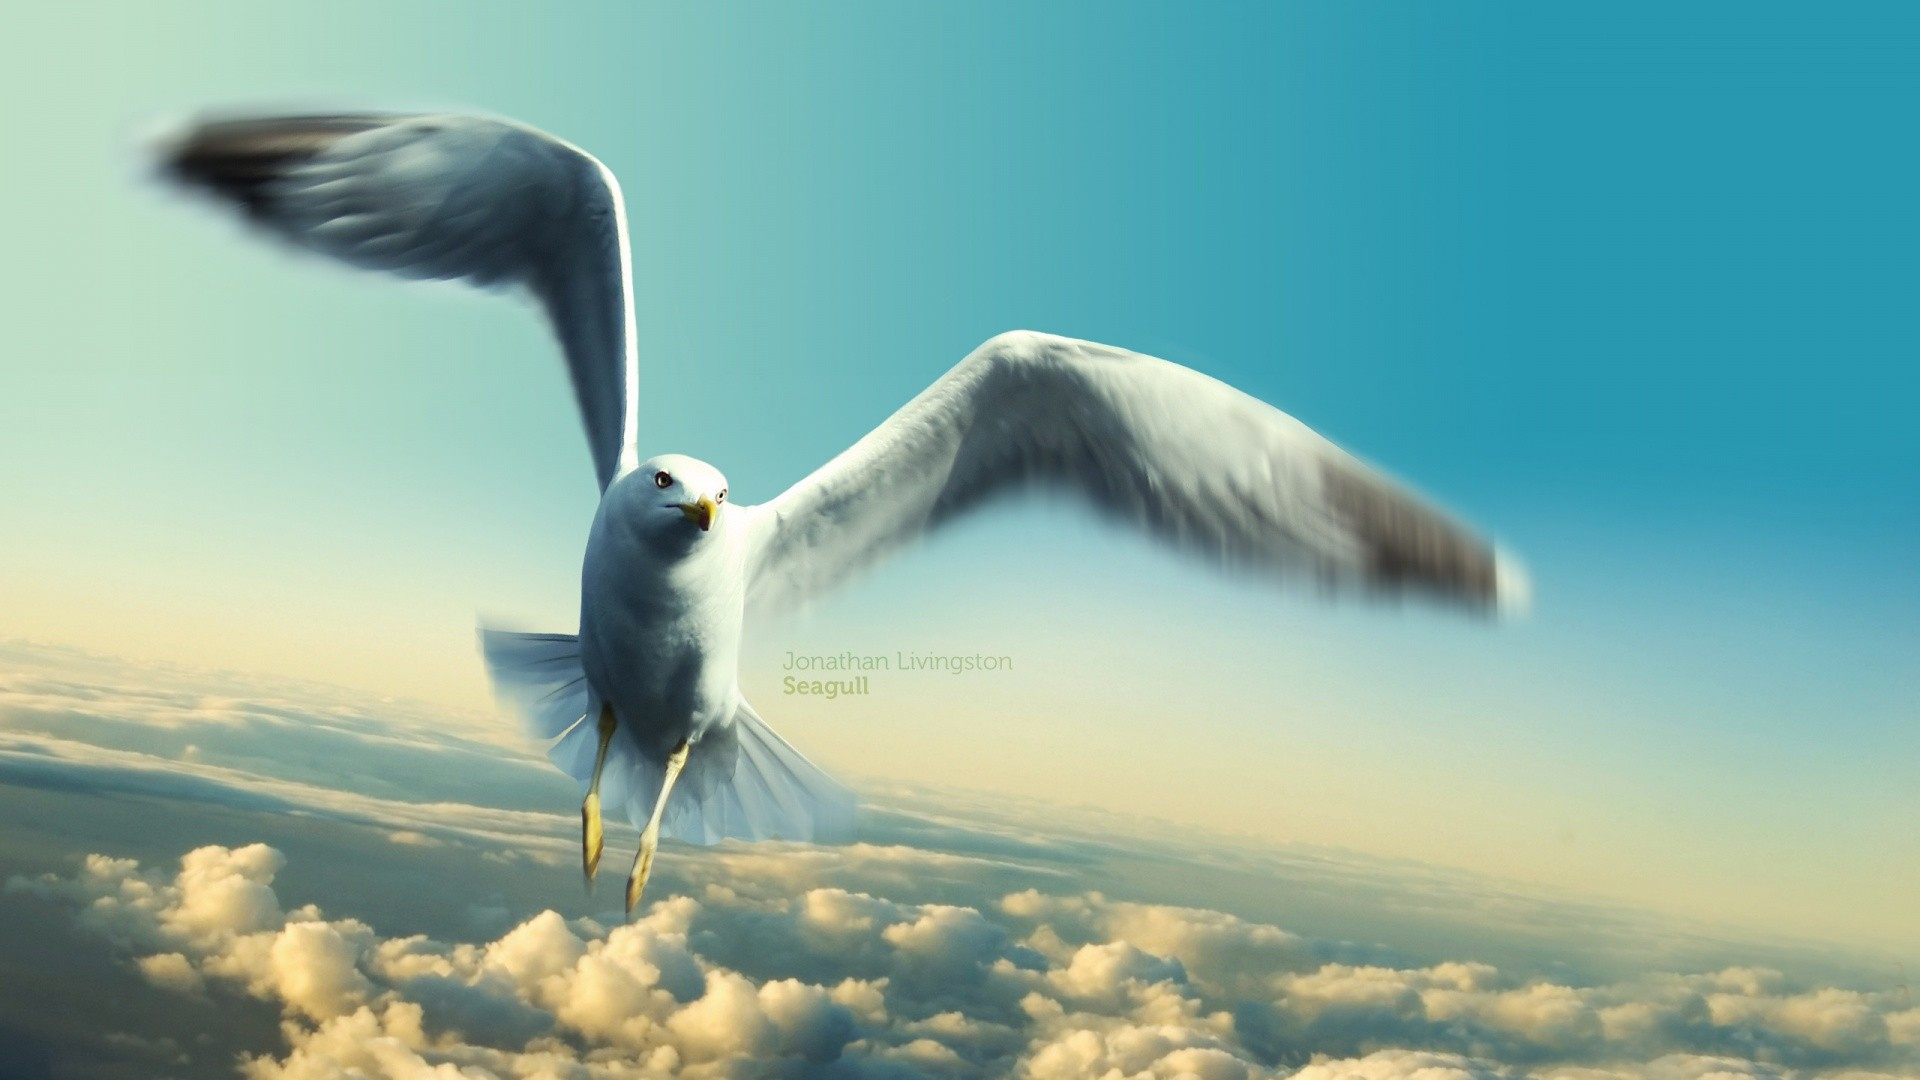 Flight Bird Seagull Clouds Livingston Jonathan Cute Fernao